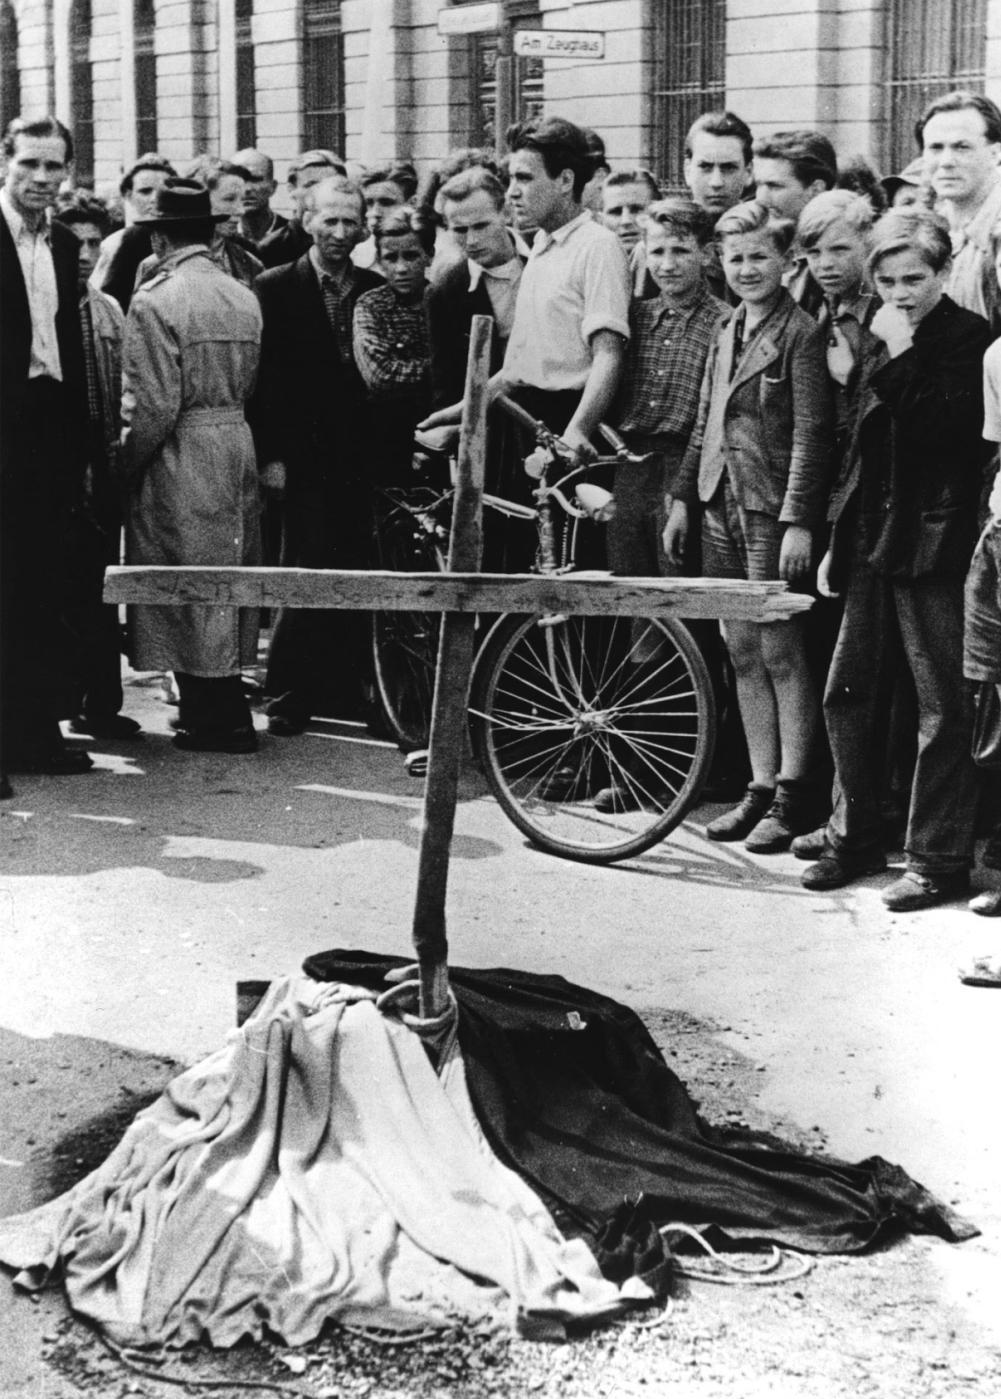 Berlínské povstání, provizorní pomník